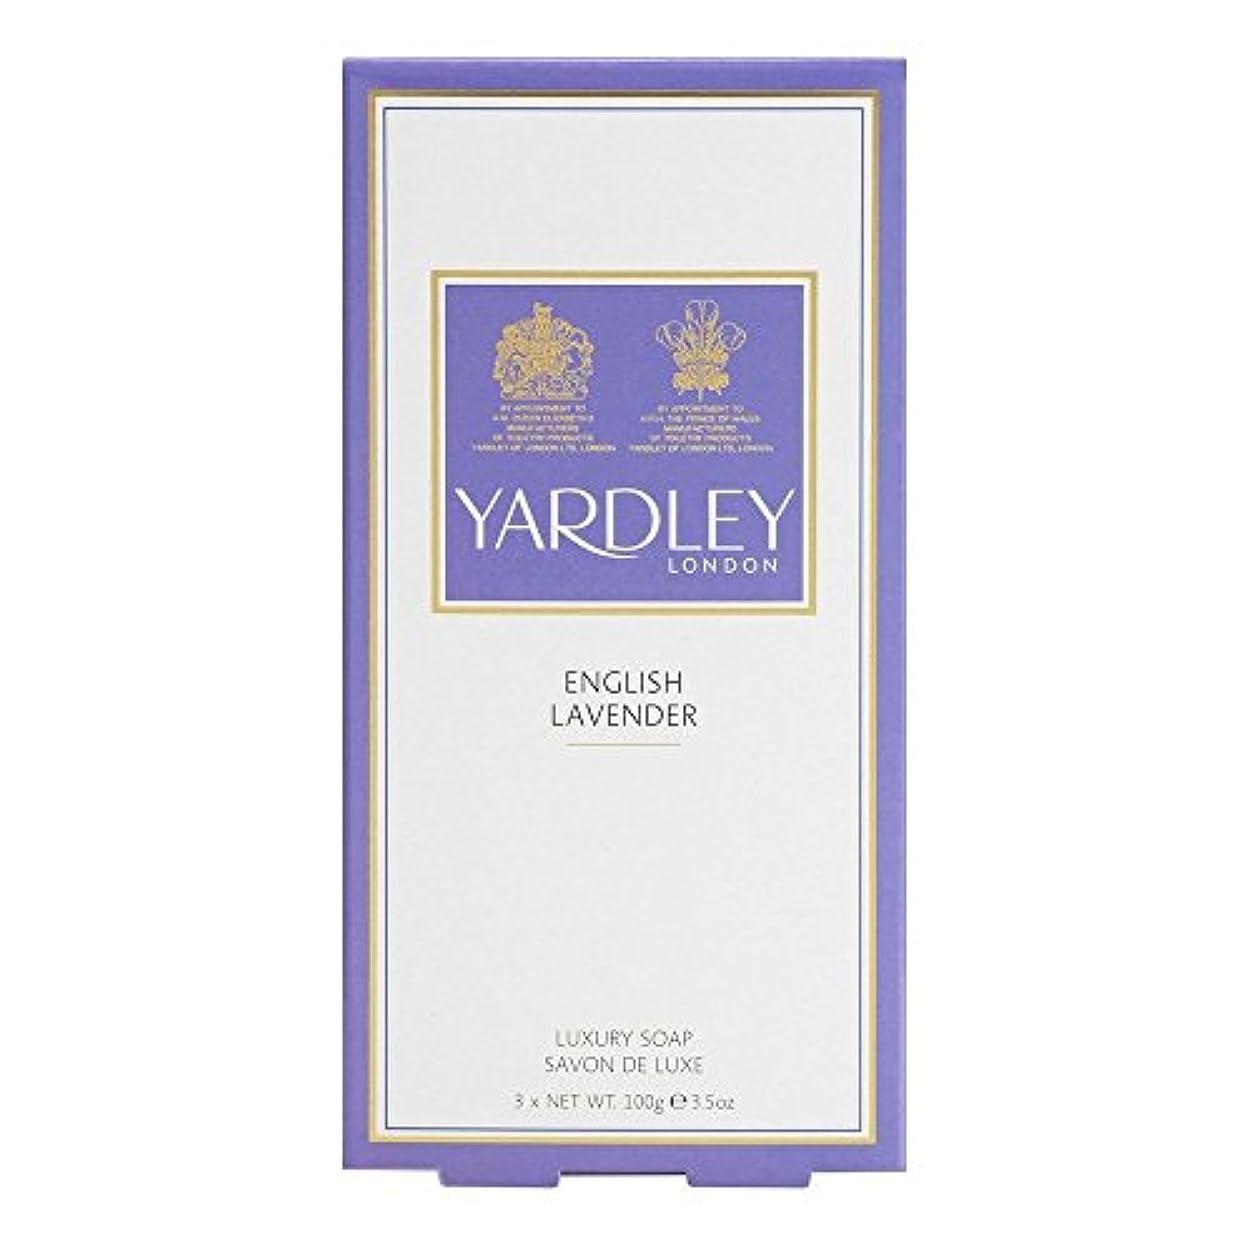 島風変わりな地下室Yardley London English Lavender Soaps (3x100g) ヤードリーロンドン英語ラベンダー石鹸( 3X100G ) [並行輸入品]